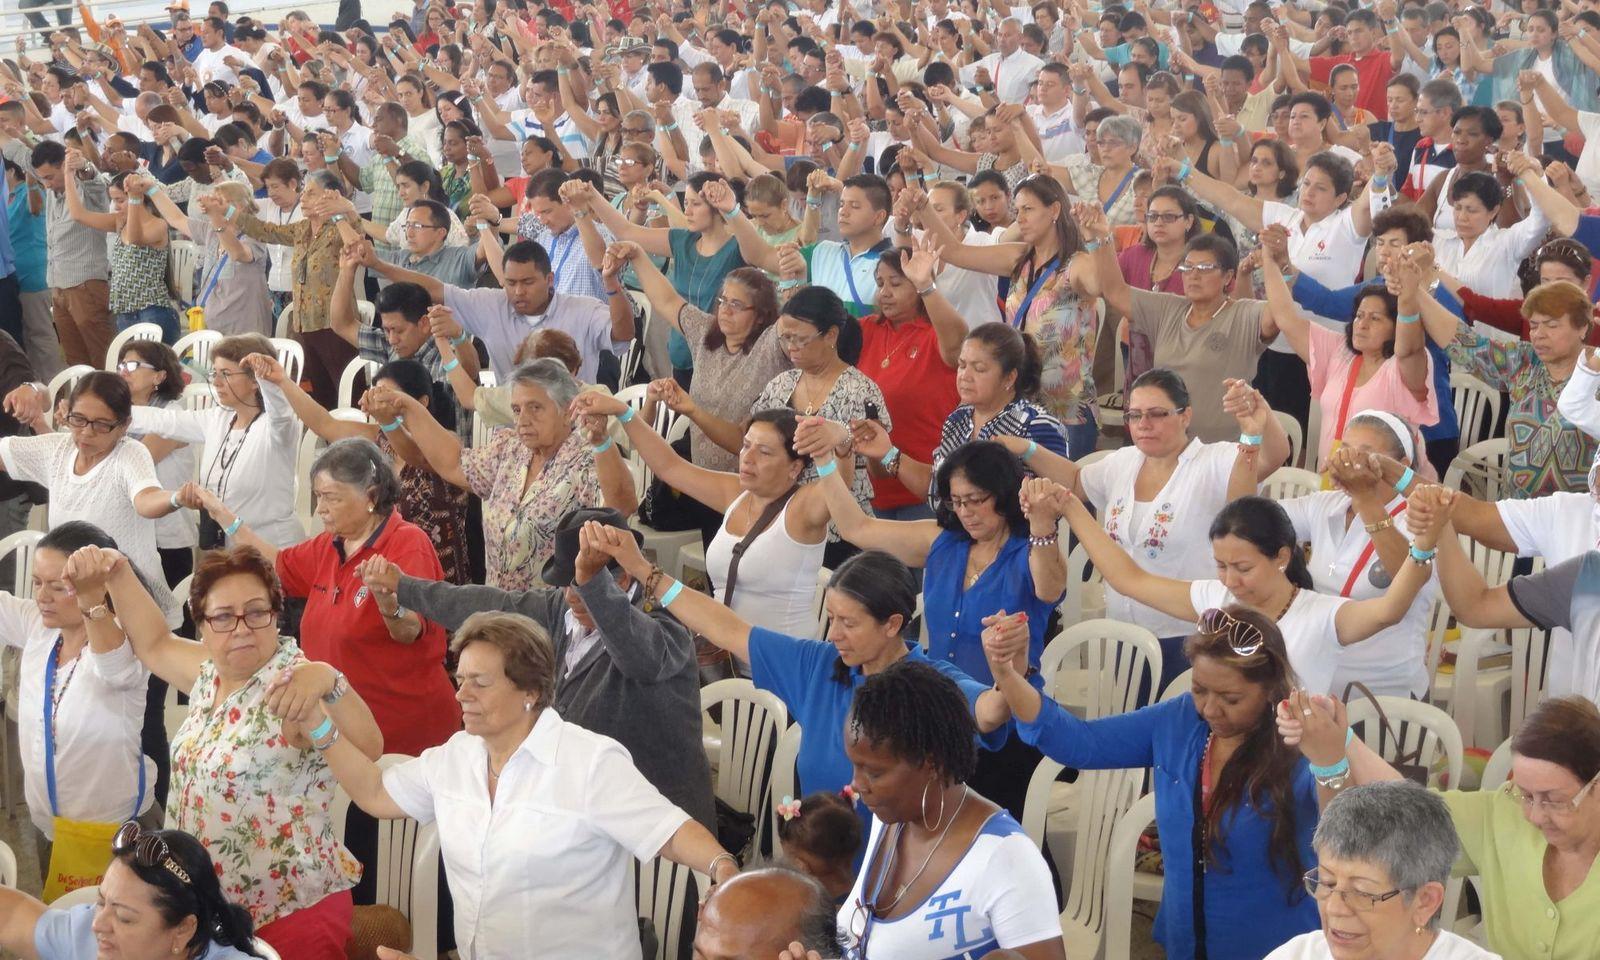 Cuáles son las Diferencias del Cristianismo de África, Asia y Sudamérica con el de Europa